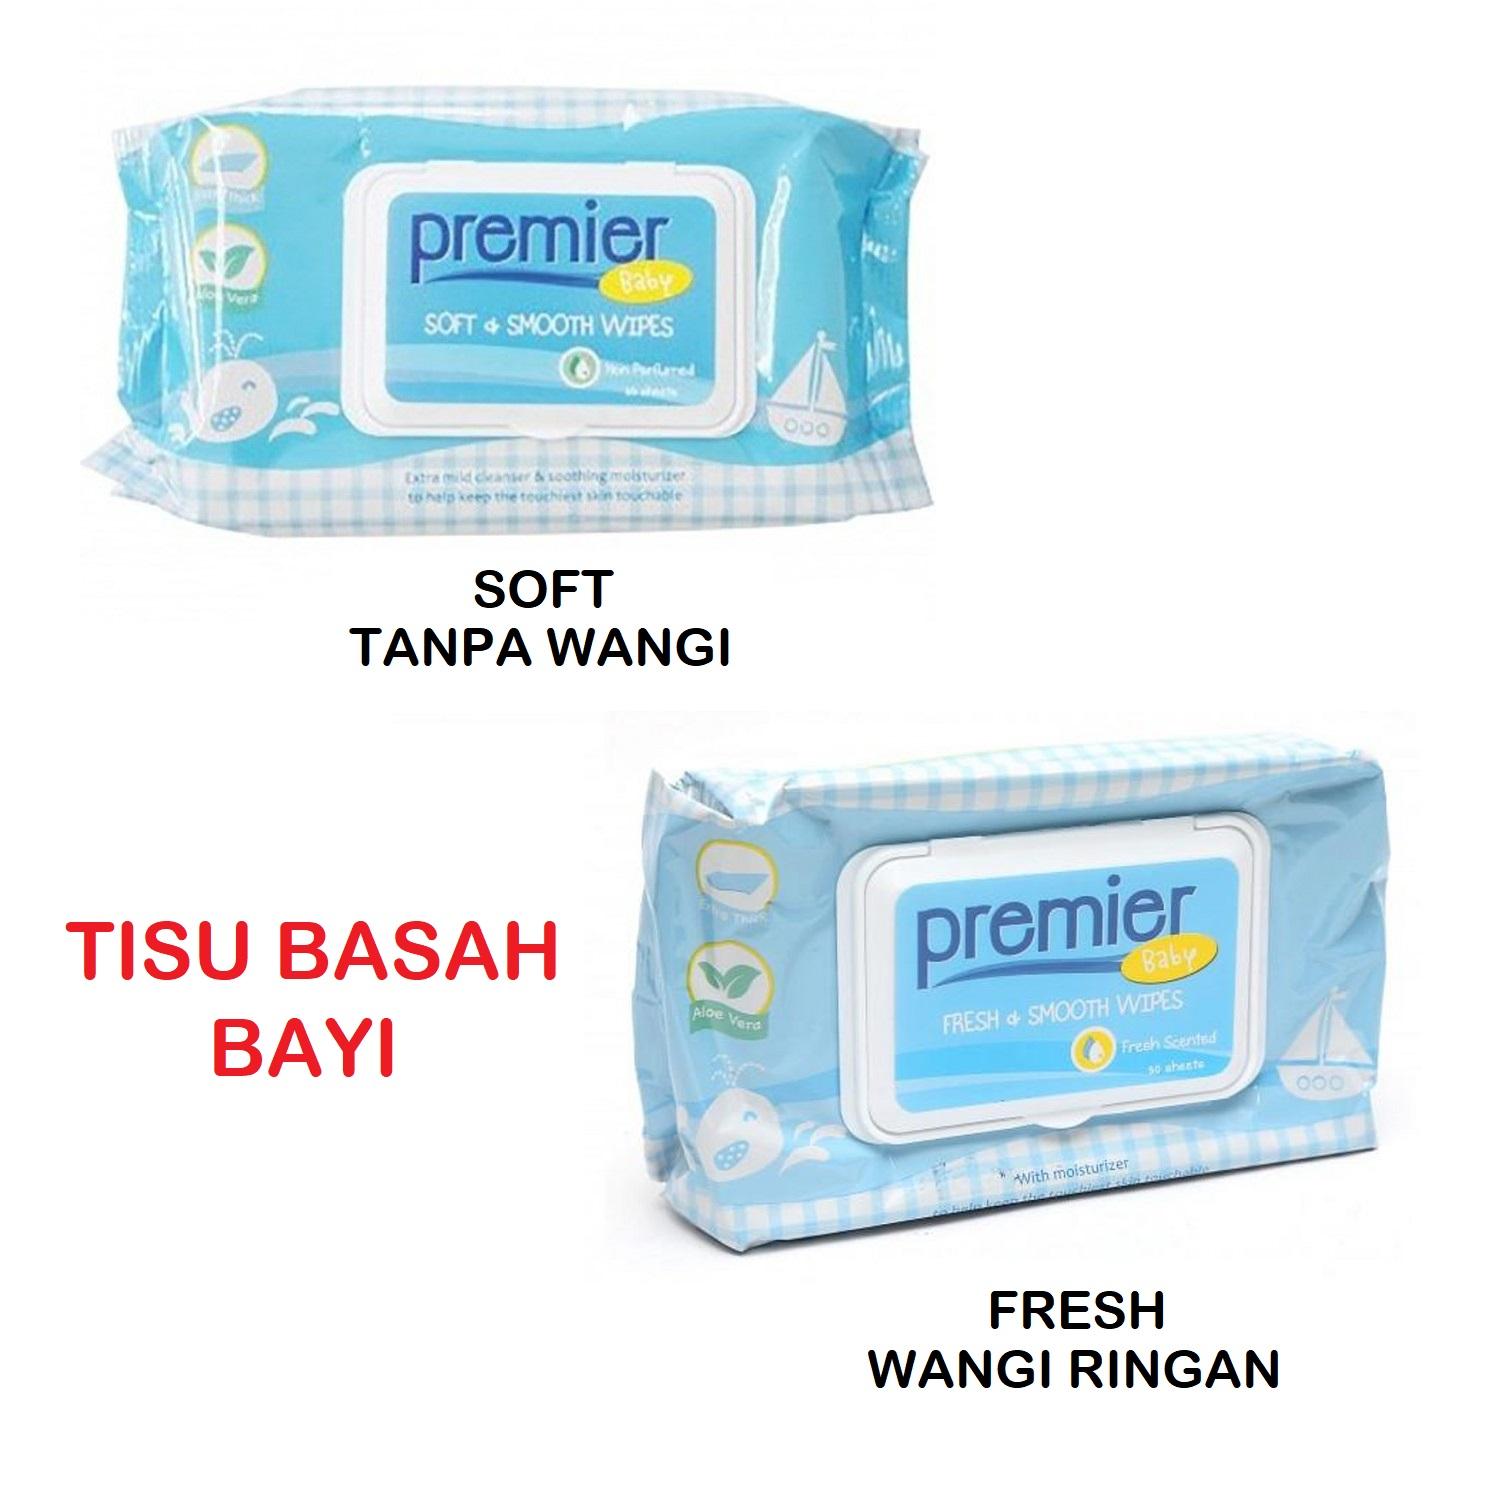 Premier Wipes Tisu Basah Bayi